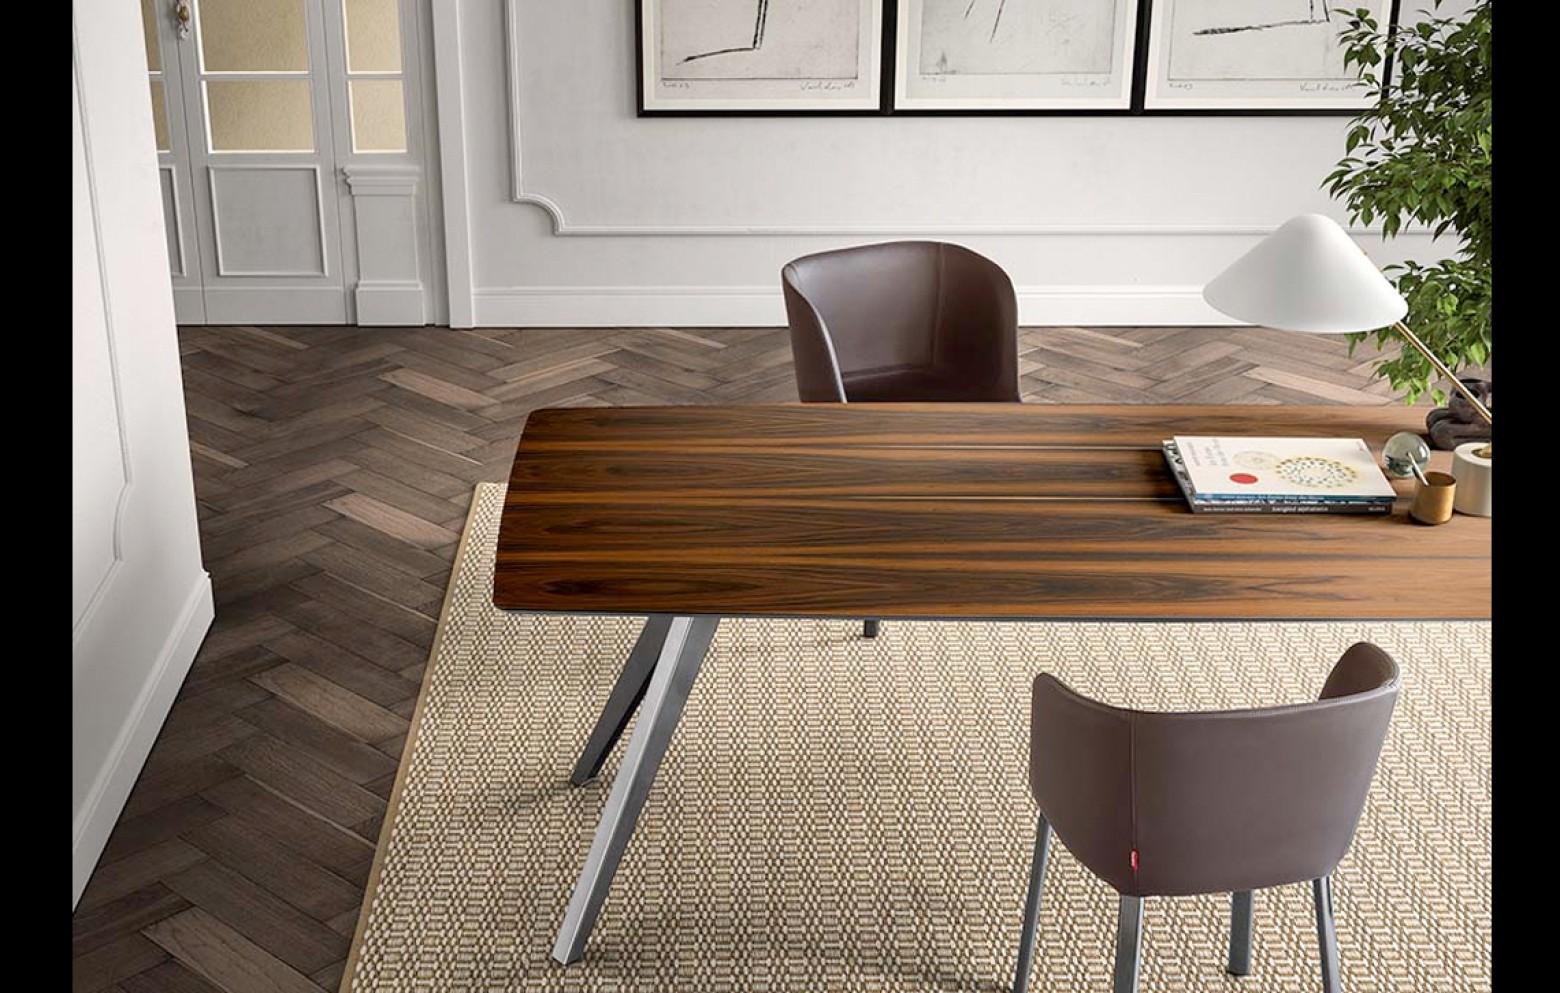 esstisch mit 2 sthlen affordable esstisch massiv eiche sonoma in hellen farben inklusive. Black Bedroom Furniture Sets. Home Design Ideas